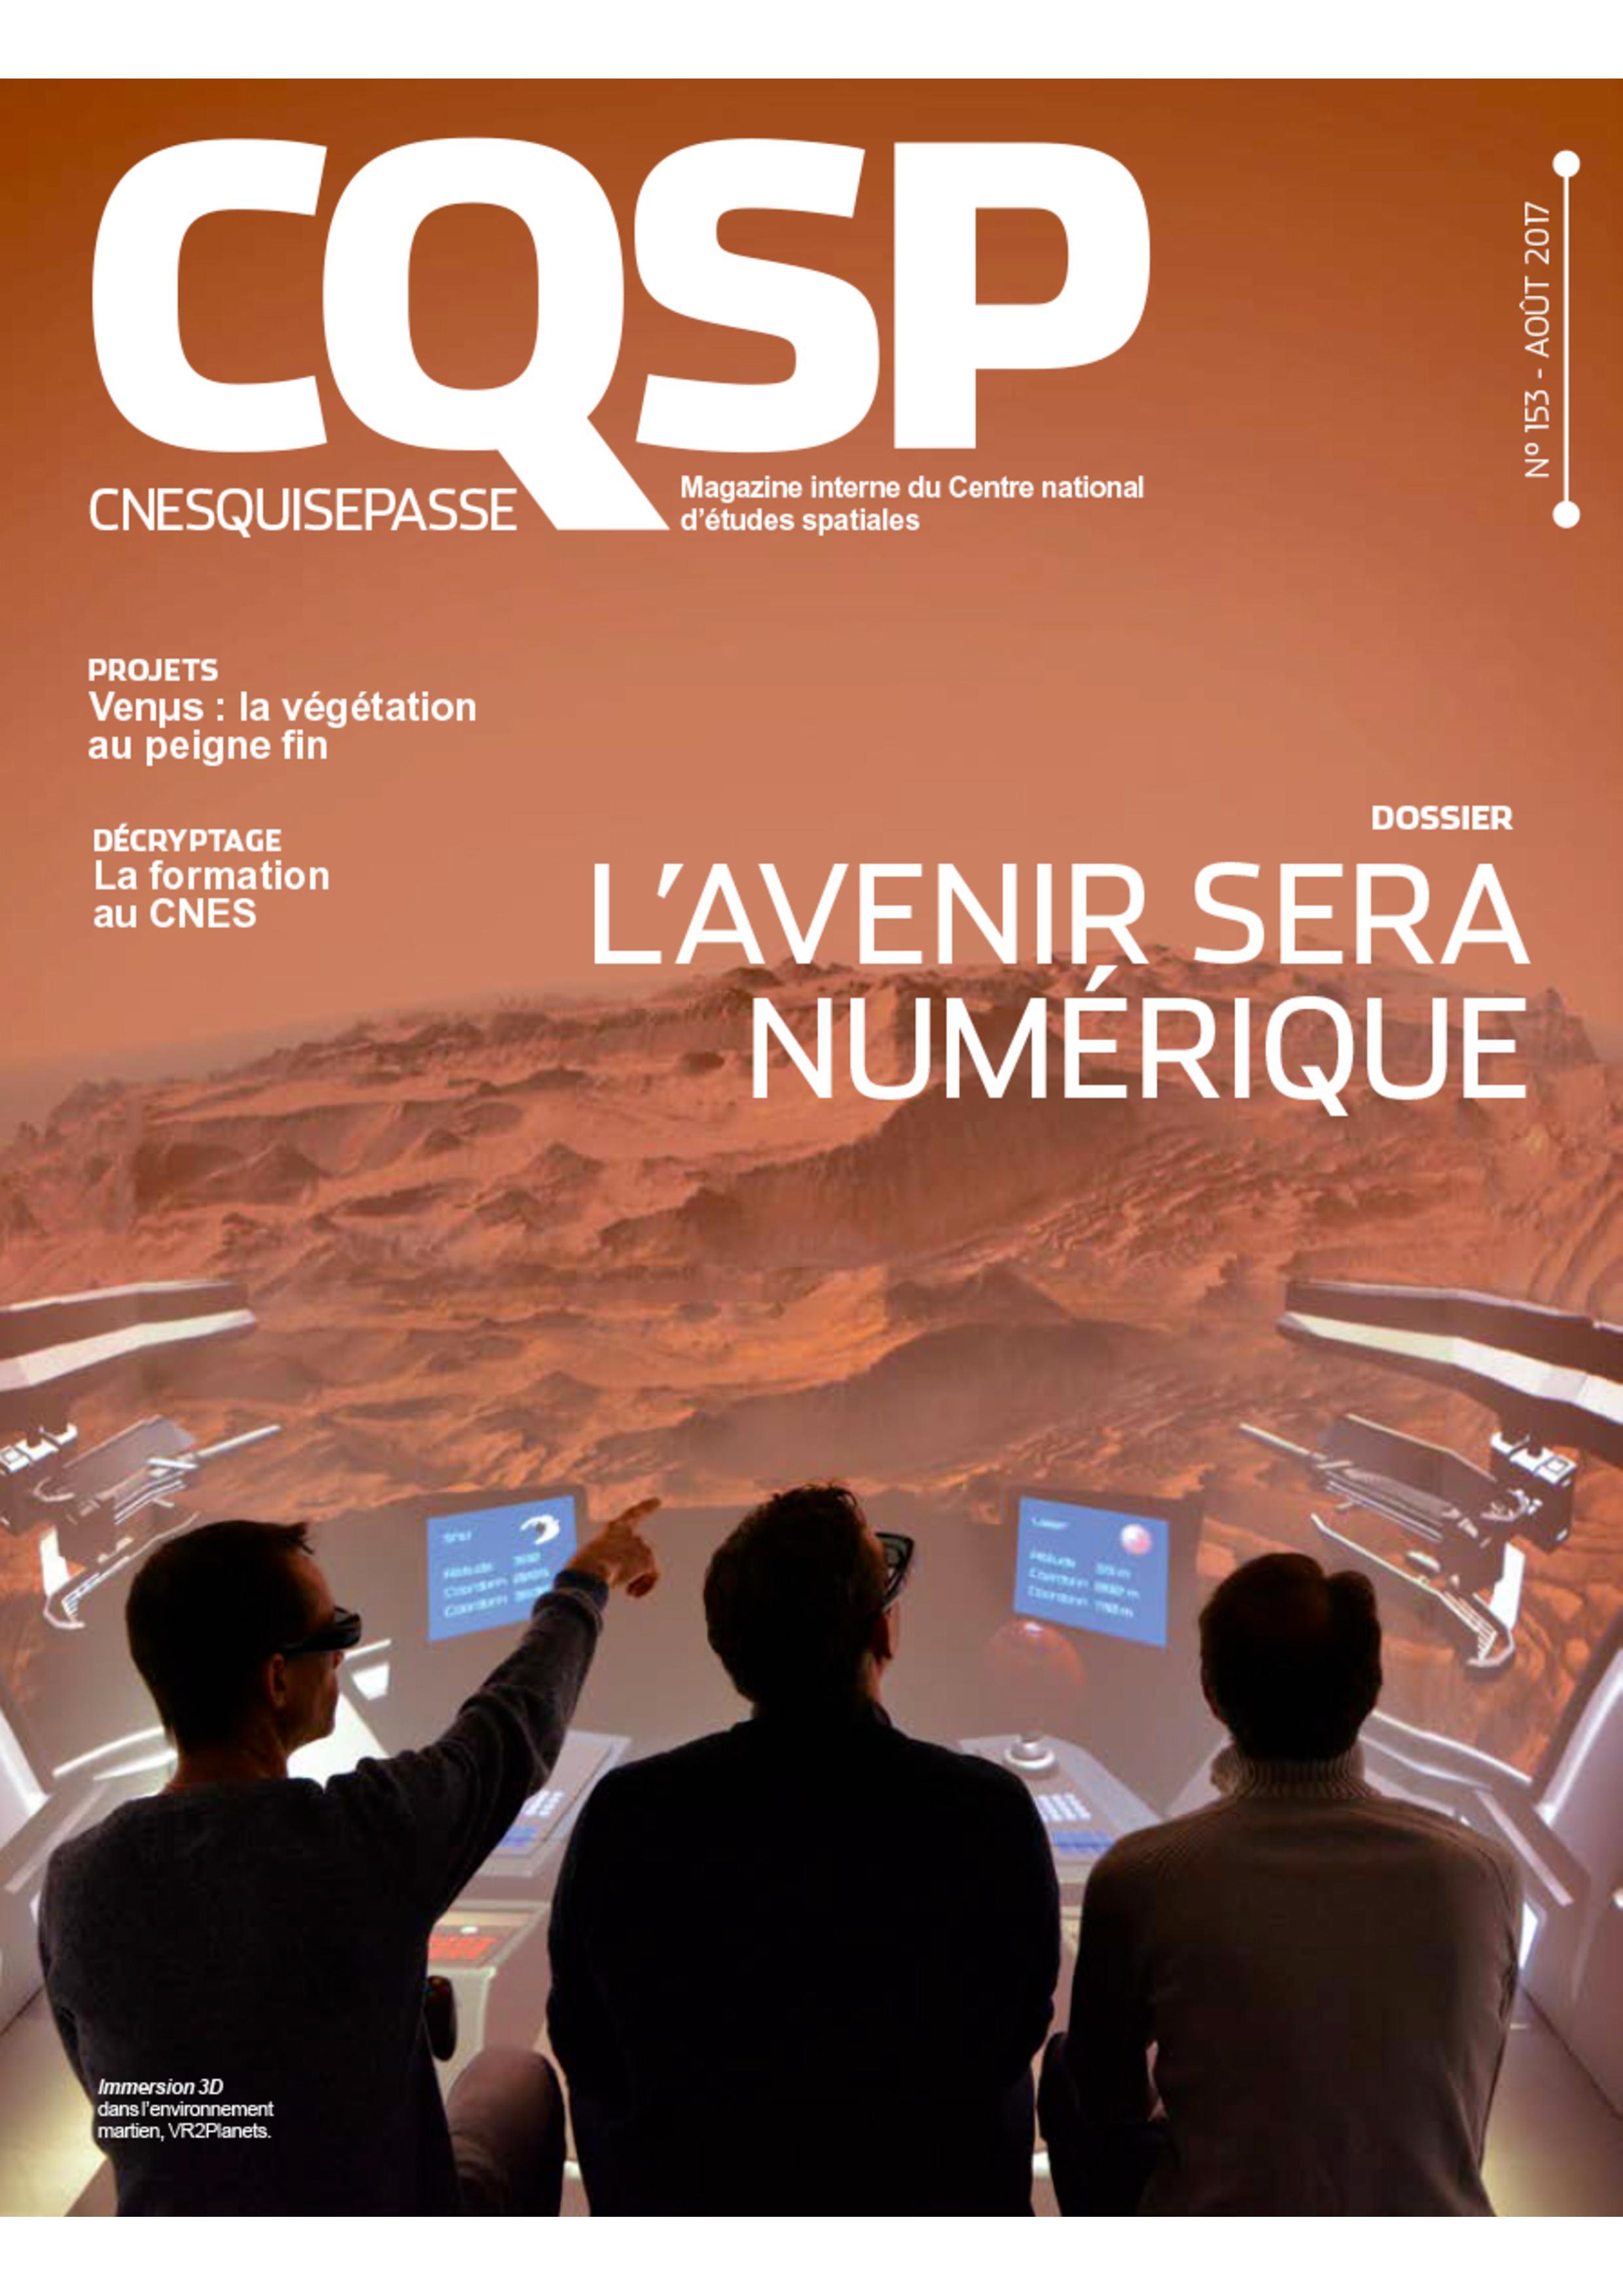 magazine CQSP CNES dossier numérique